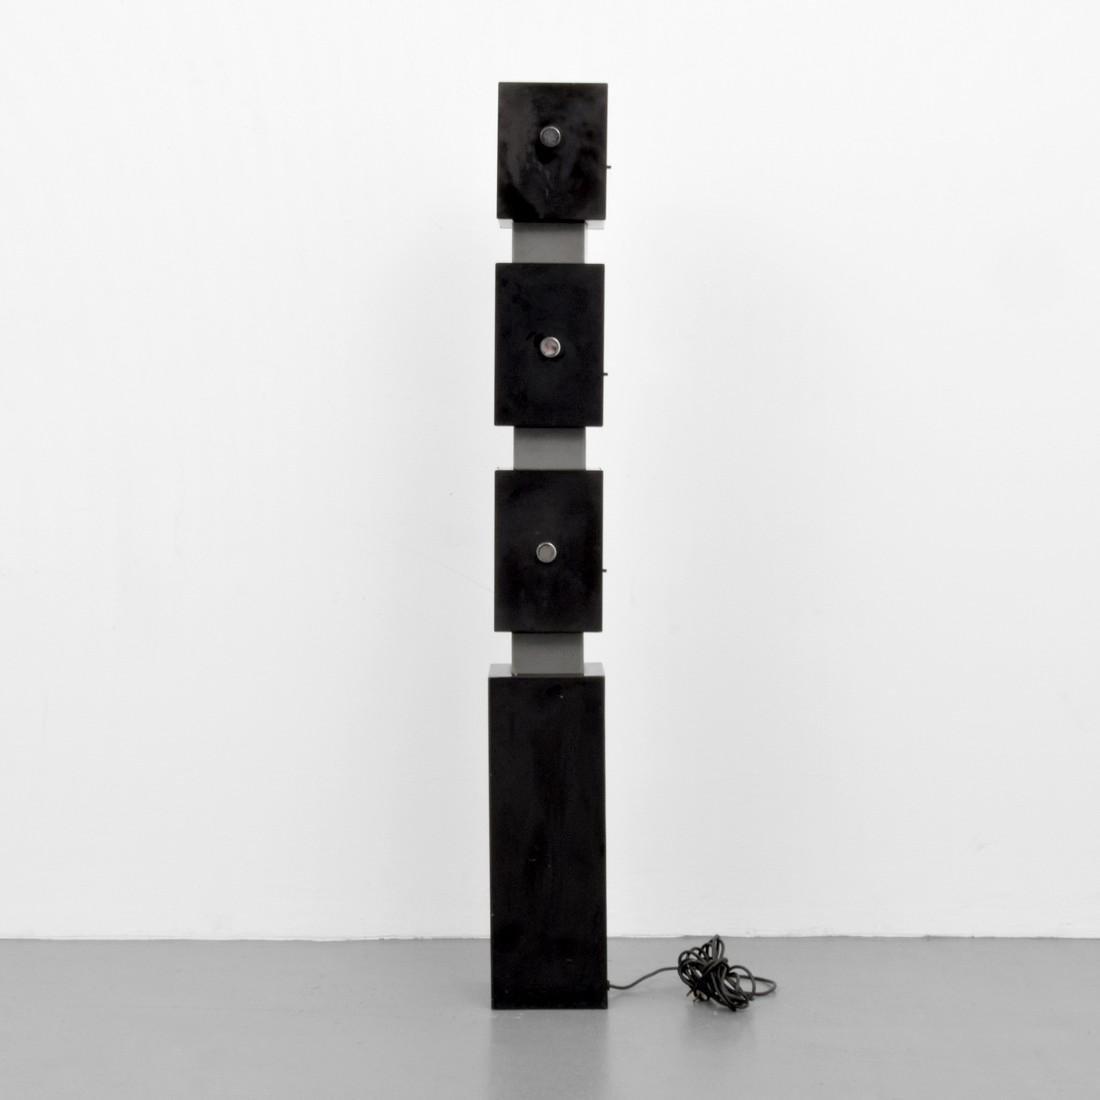 Irving Richards for Arteluce Swivel Floor Lamp - 2